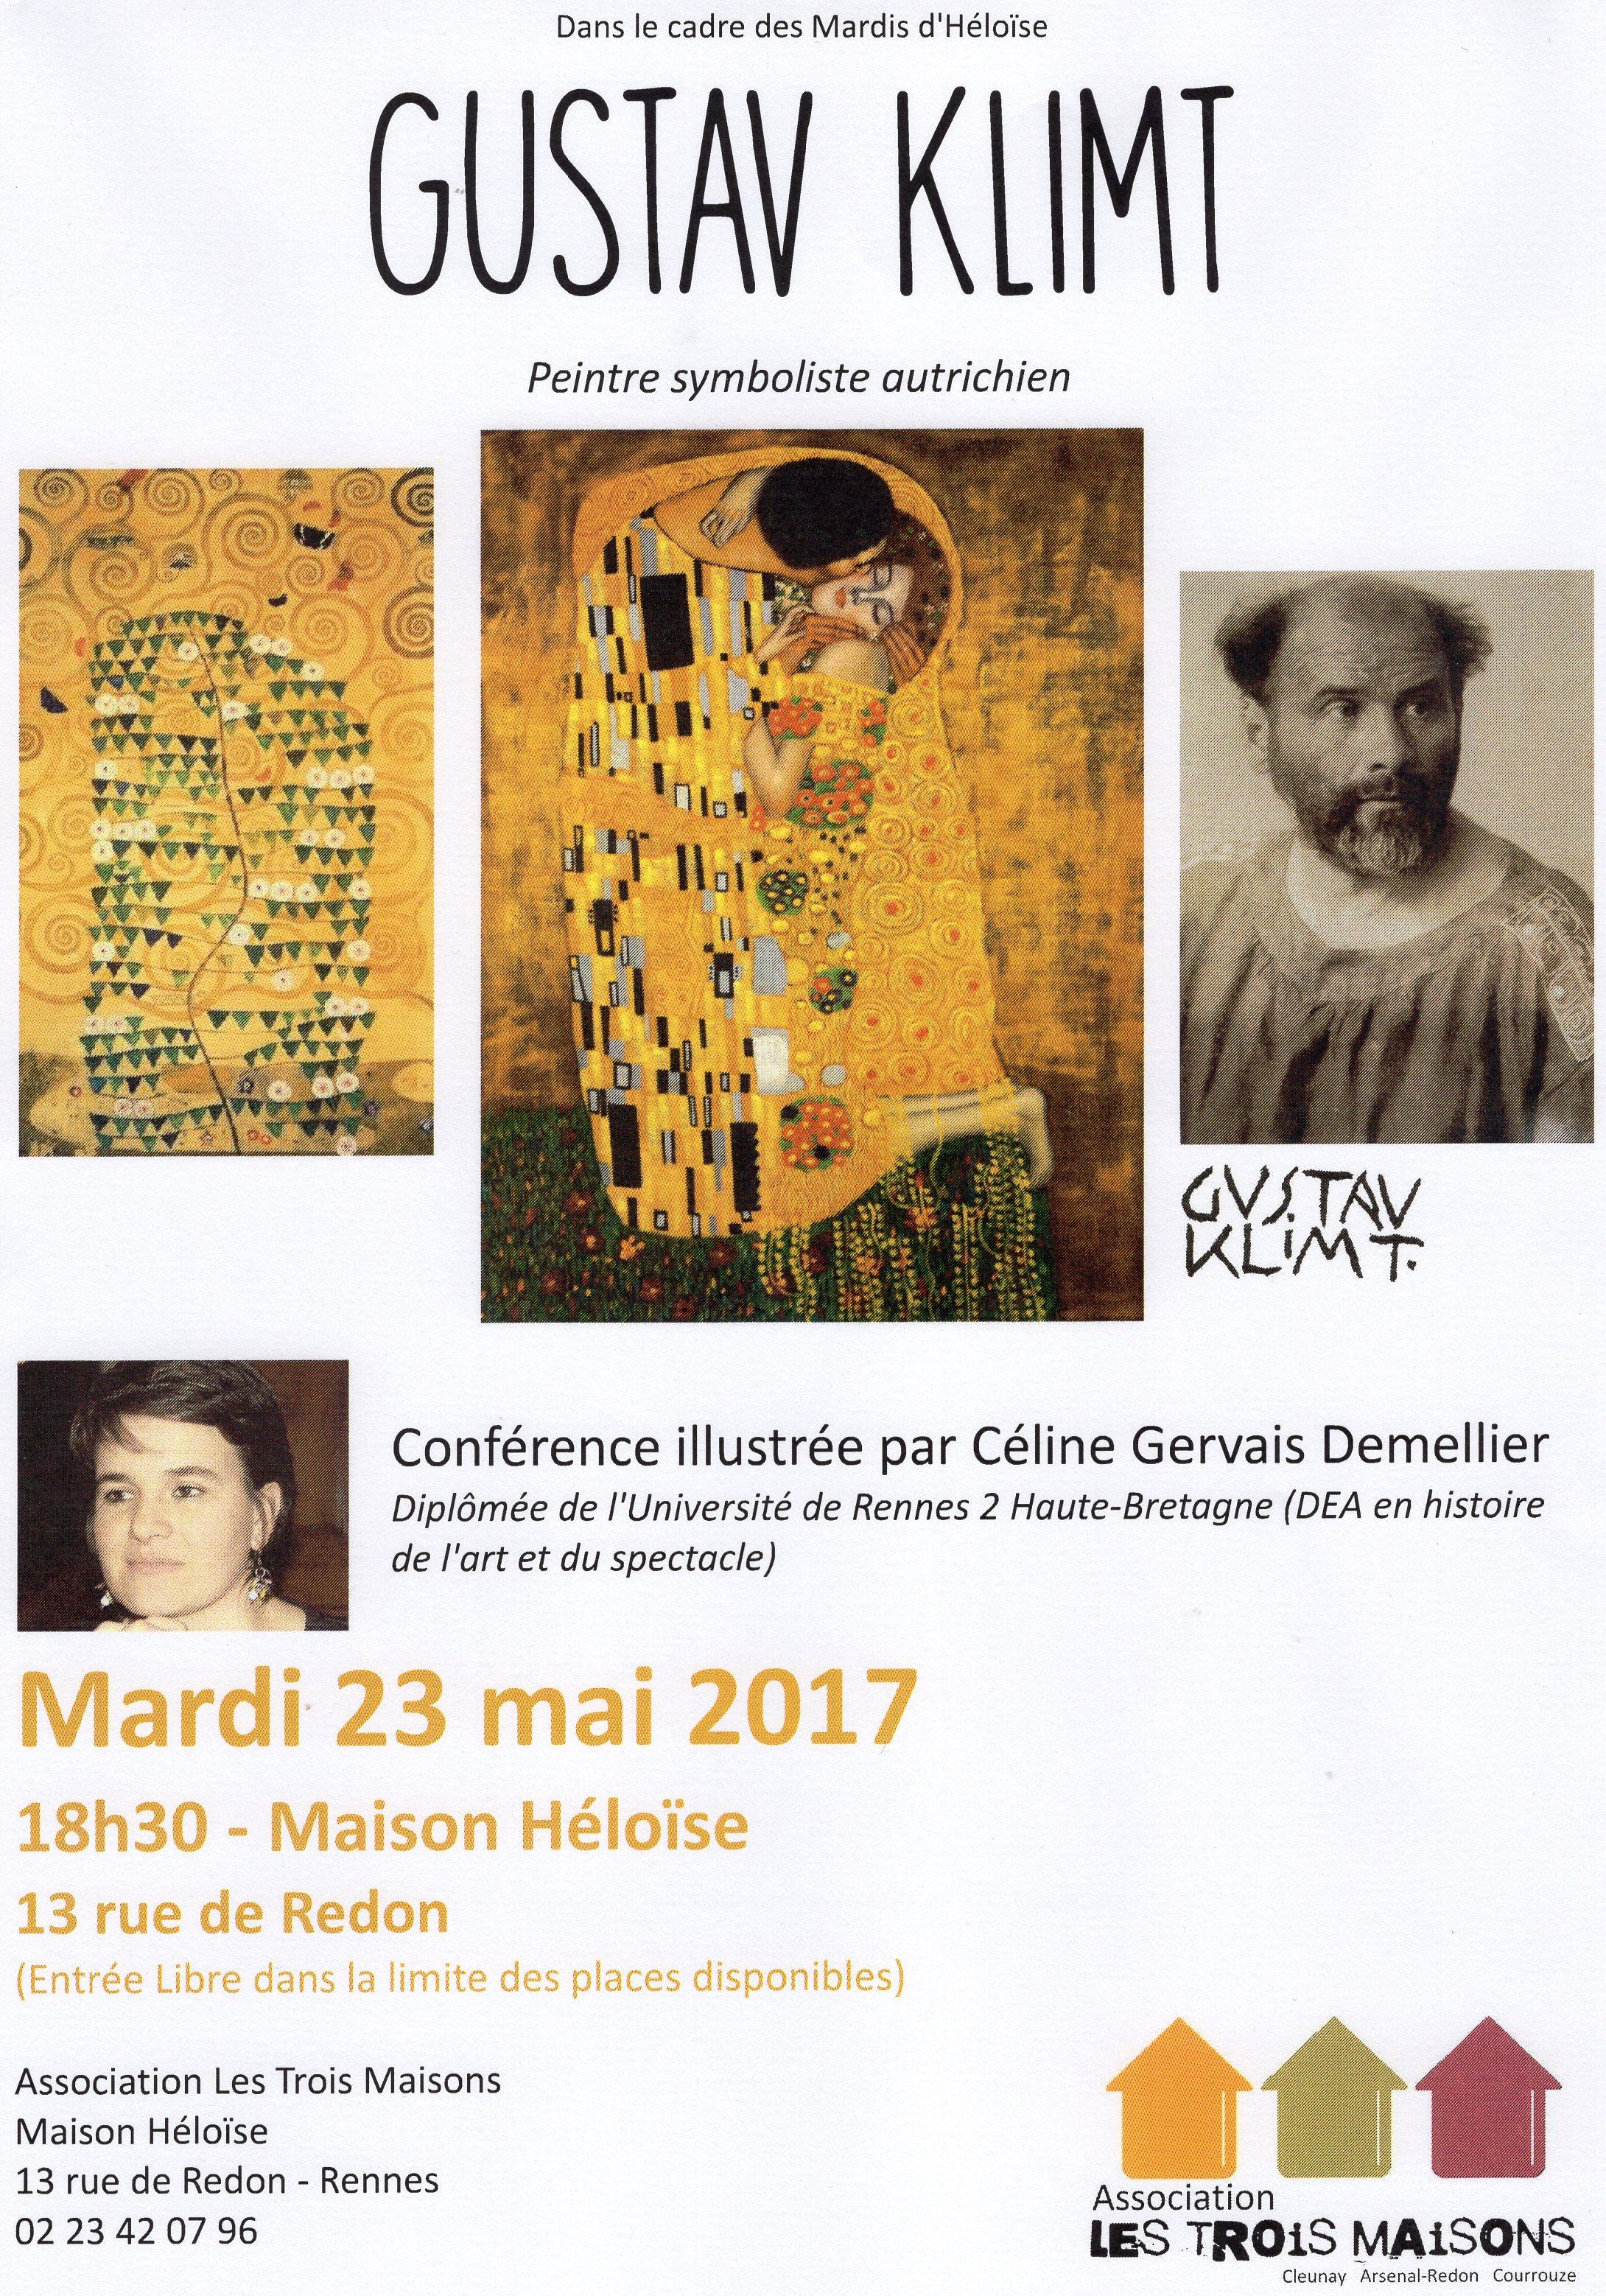 Conférence illustrée sur Gustav Klimt présentée par Céline Gervais-Demellier, mardi 23 mai 2017 à la Maison Héloïse, Rennes